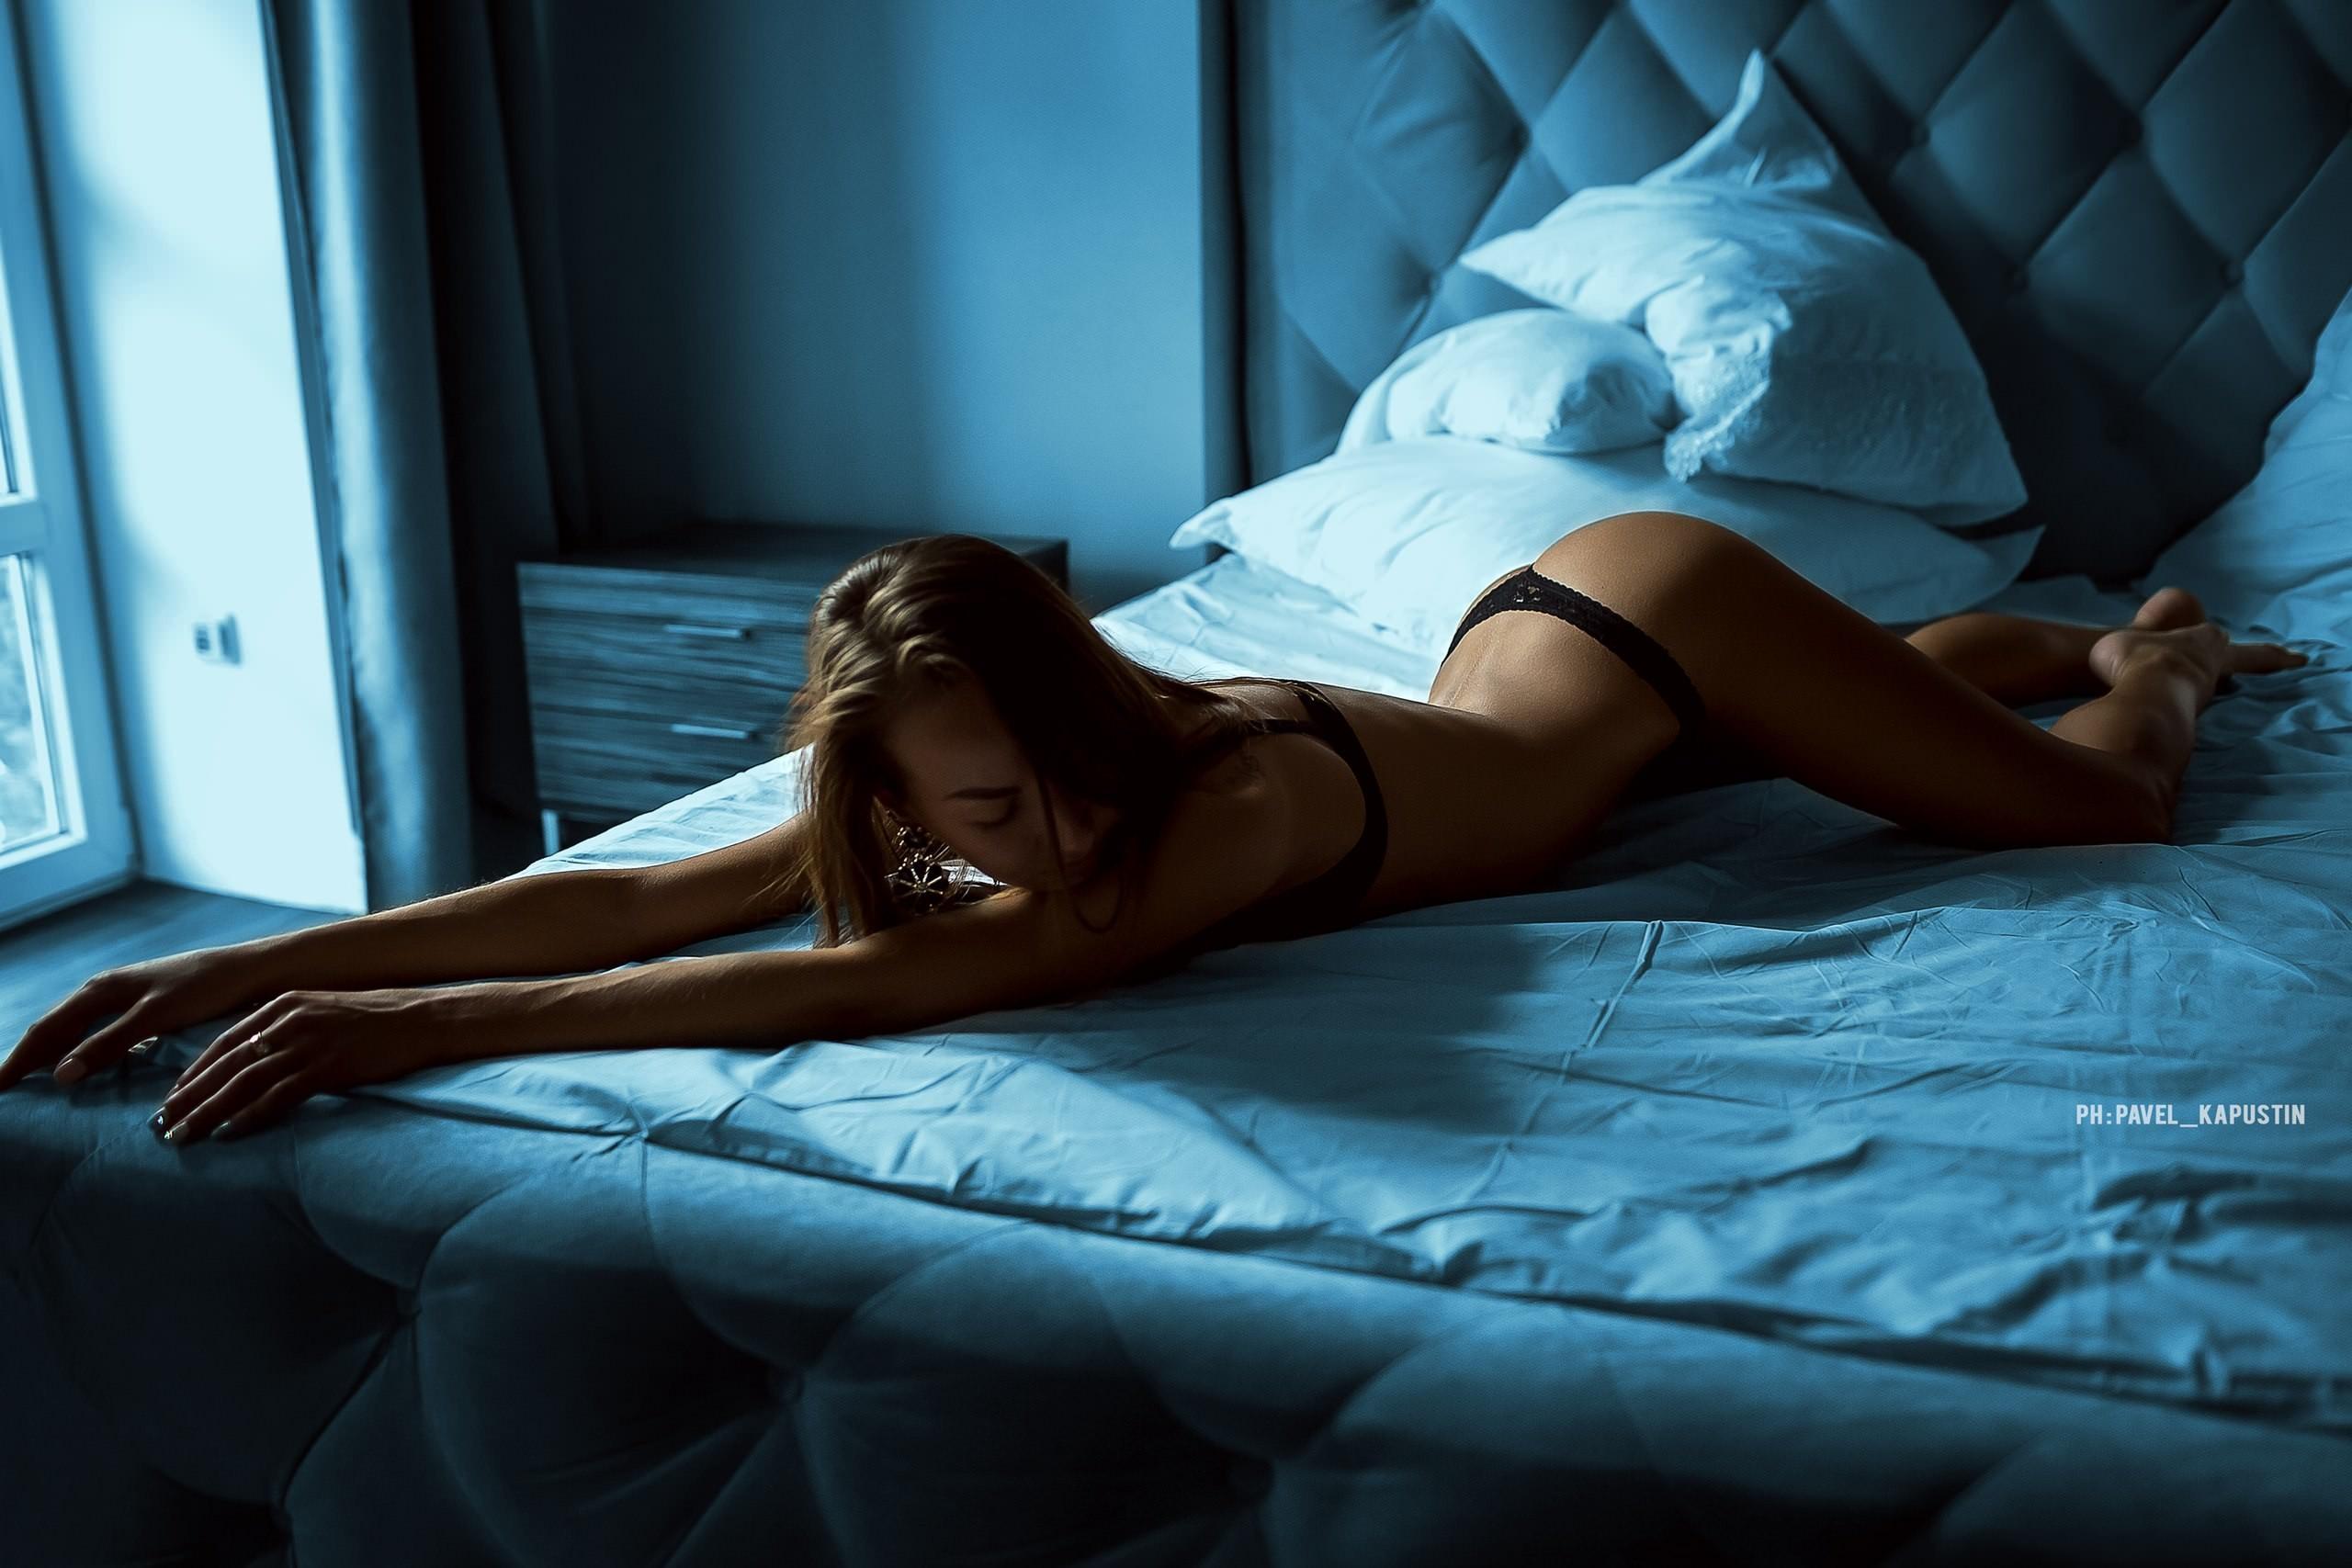 персонажи предоставленных парниша с утра прессует горячую азиатку на кровати уверены